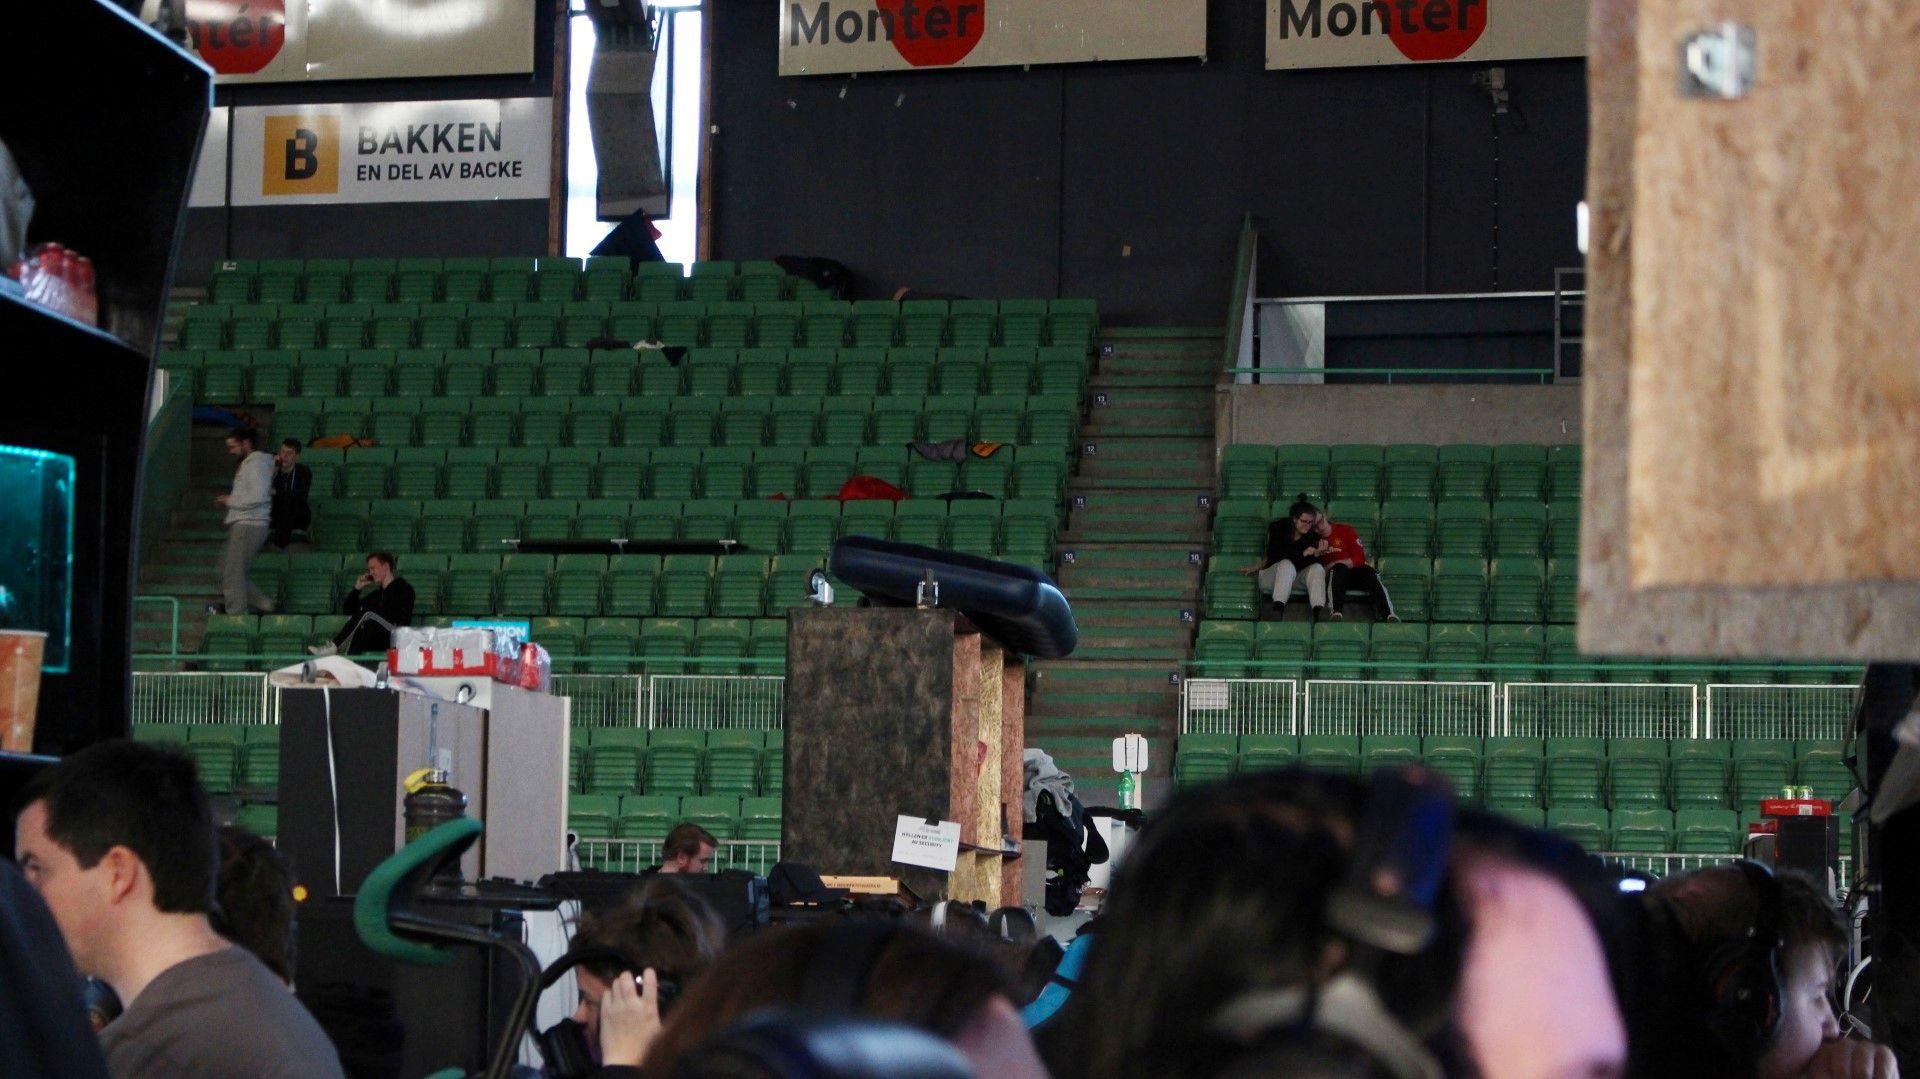 Kreative oppbevaringsplasser var det mye av på TG: Hvorfor ikke plassere luftmadrassen på toppen av riggen? Og hvis man blir litt sliten av å sitte klin intil folk, kan man alltids ta en liten pustepause med en god venn i tribunen.